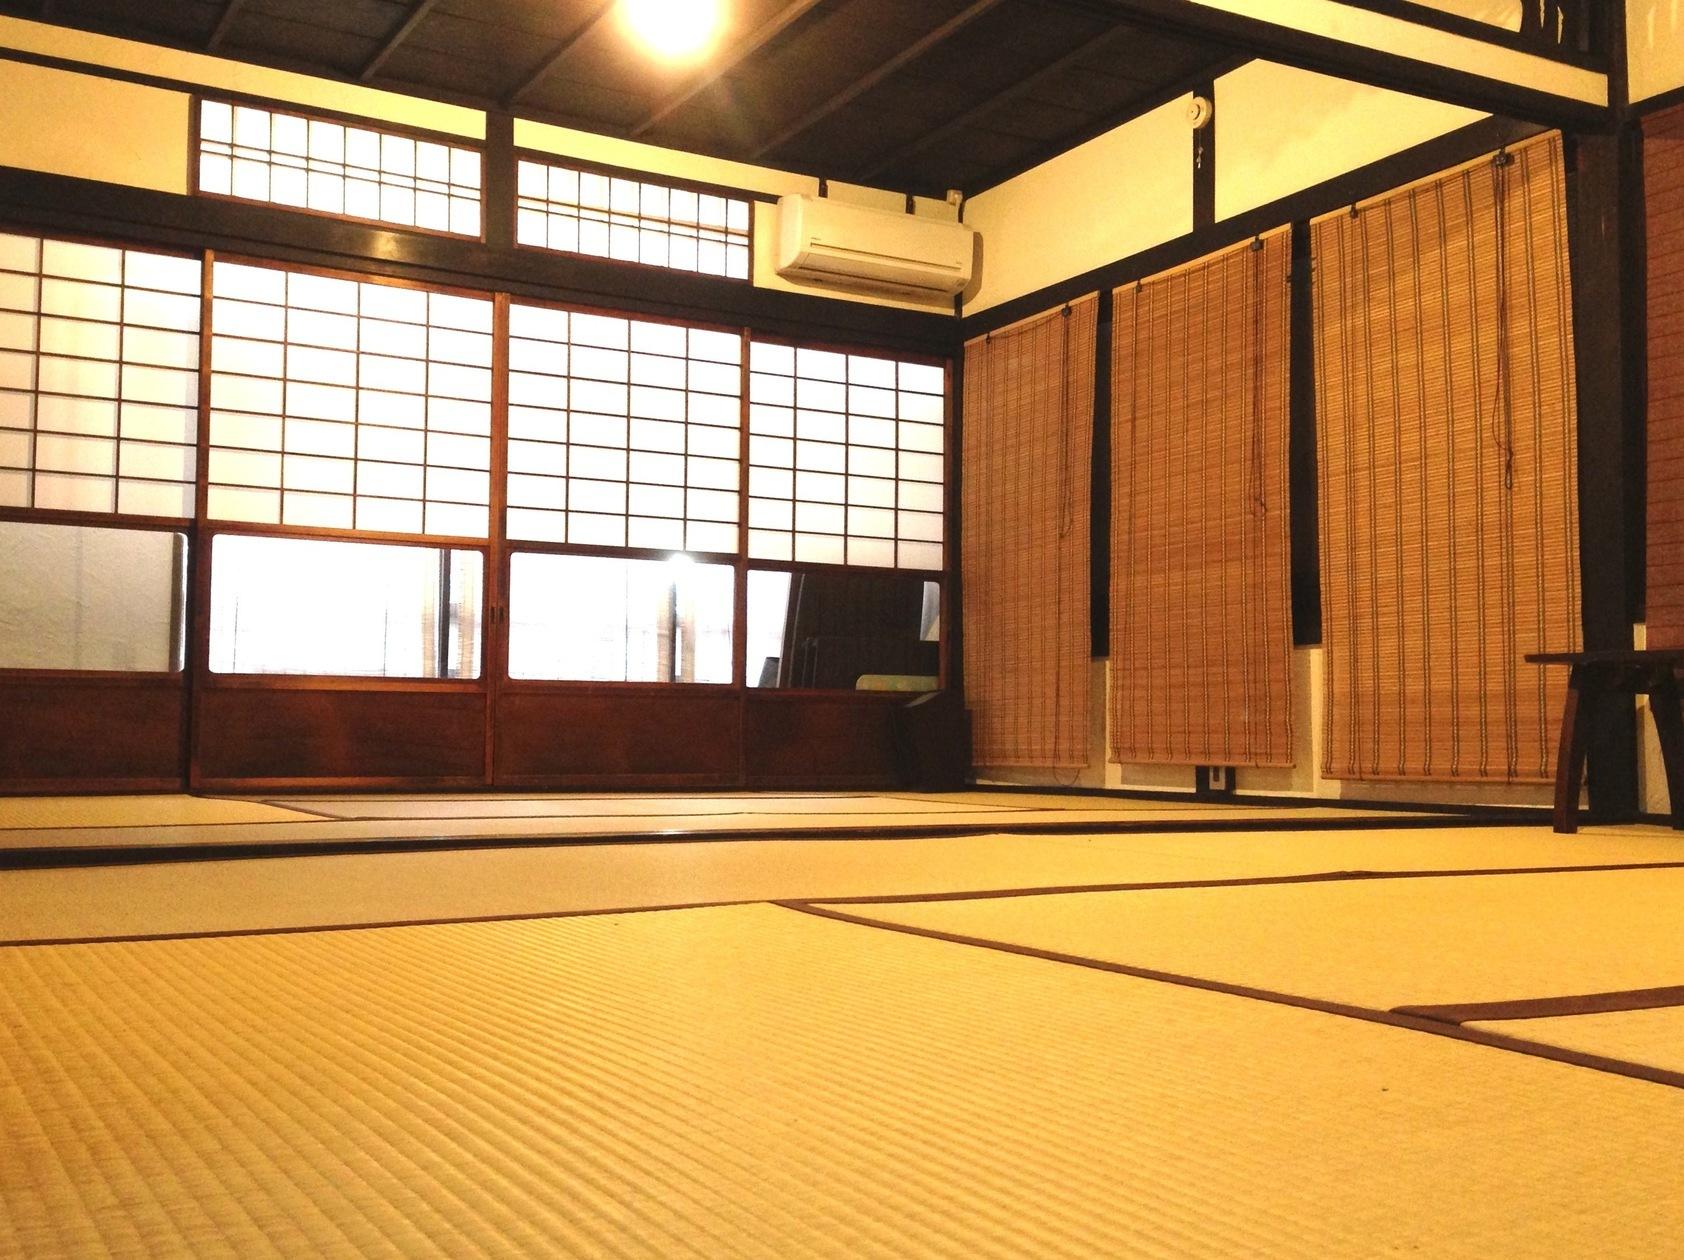 8月いっぱいで閉館いたします。【京都・清水五条】町家貸切レンタルスペース(町家レンタルスペース 清水五条文化センター) の写真0